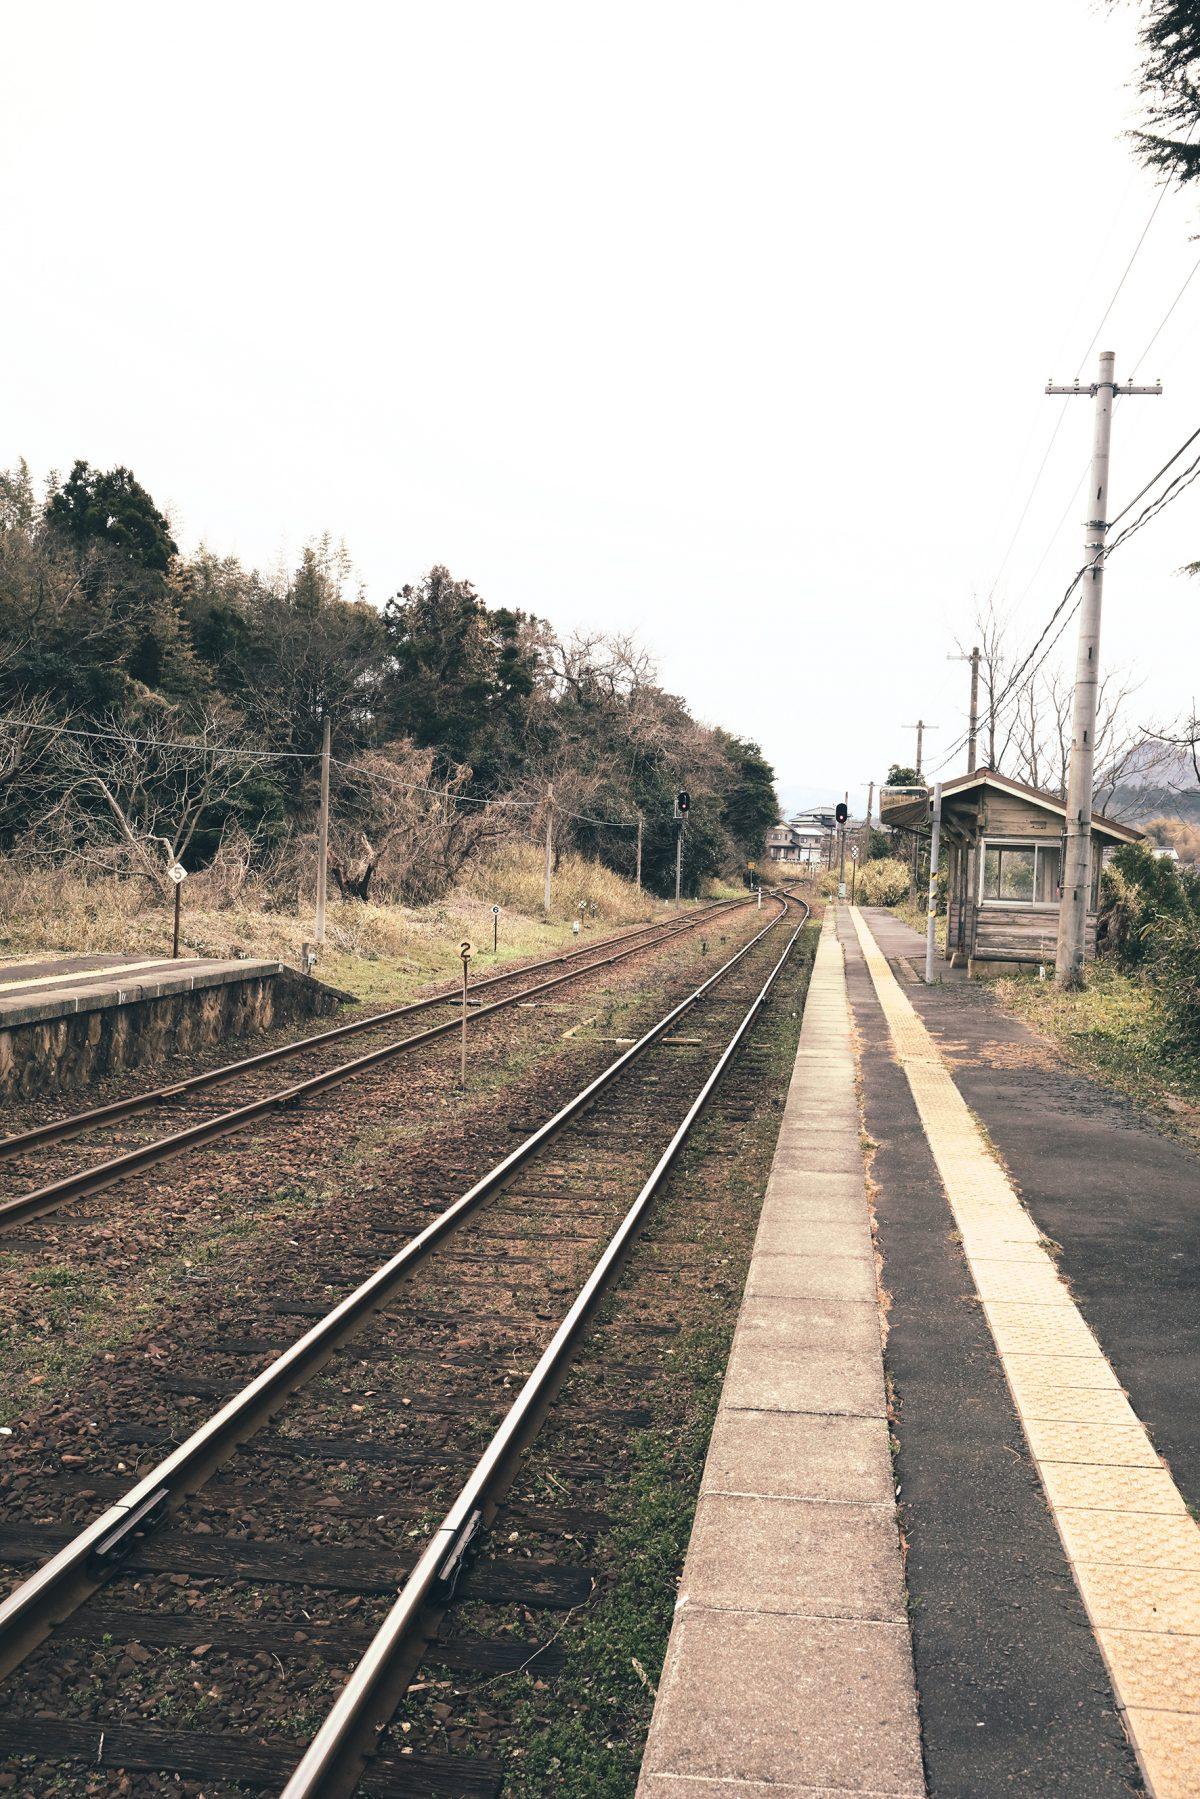 2017年3月18日【小天橋駅ホーム】京丹後市久美浜町浦明220-2